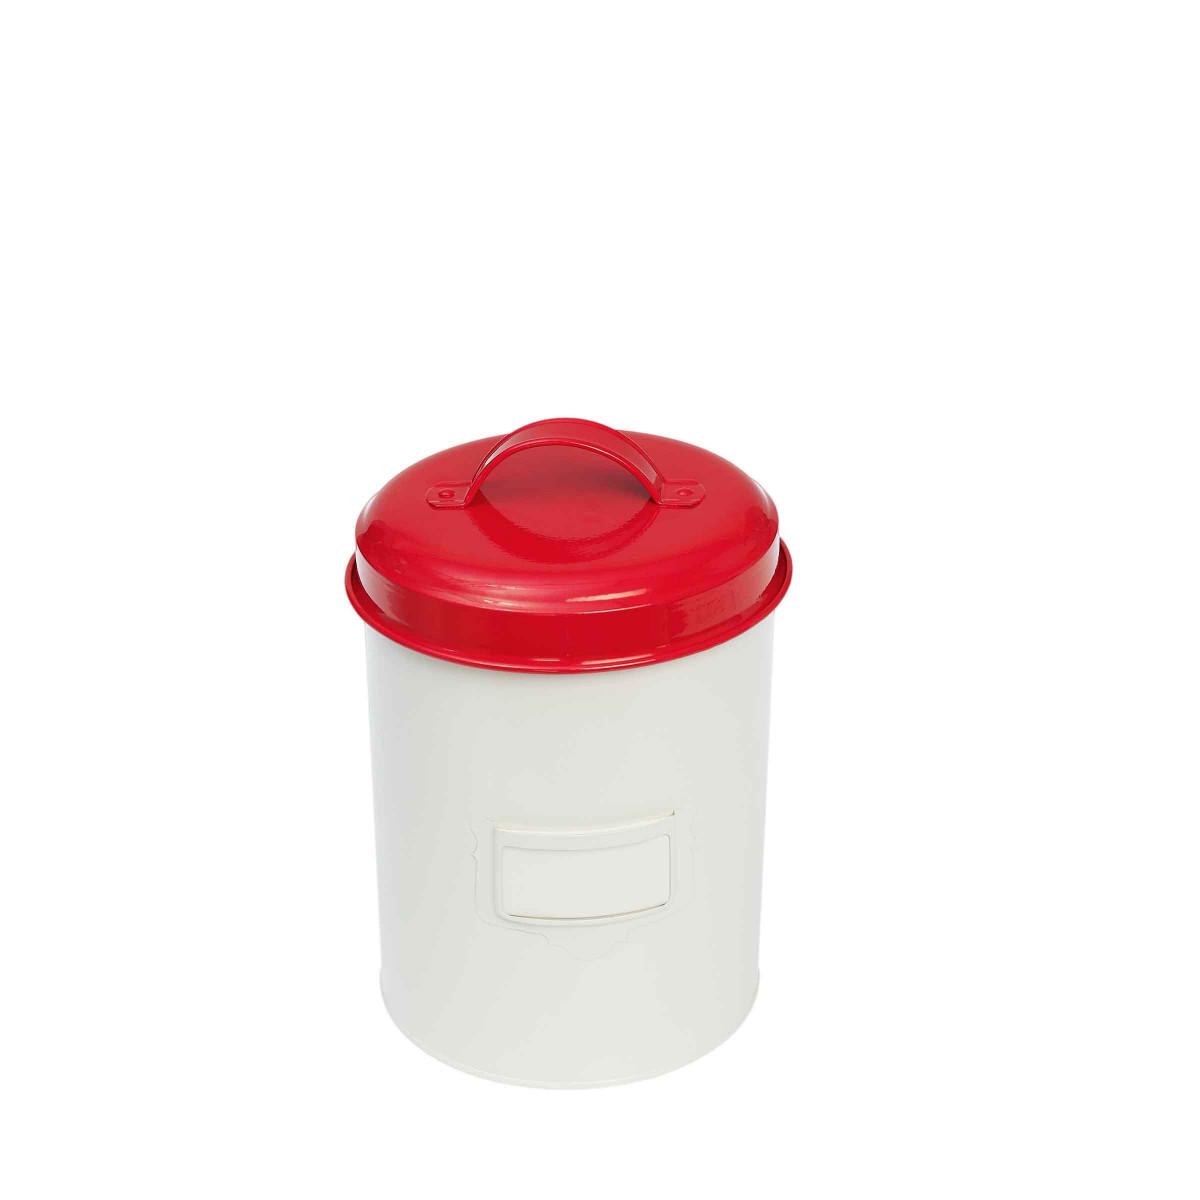 bo238te de cuisine en m233tal rouge r233tro